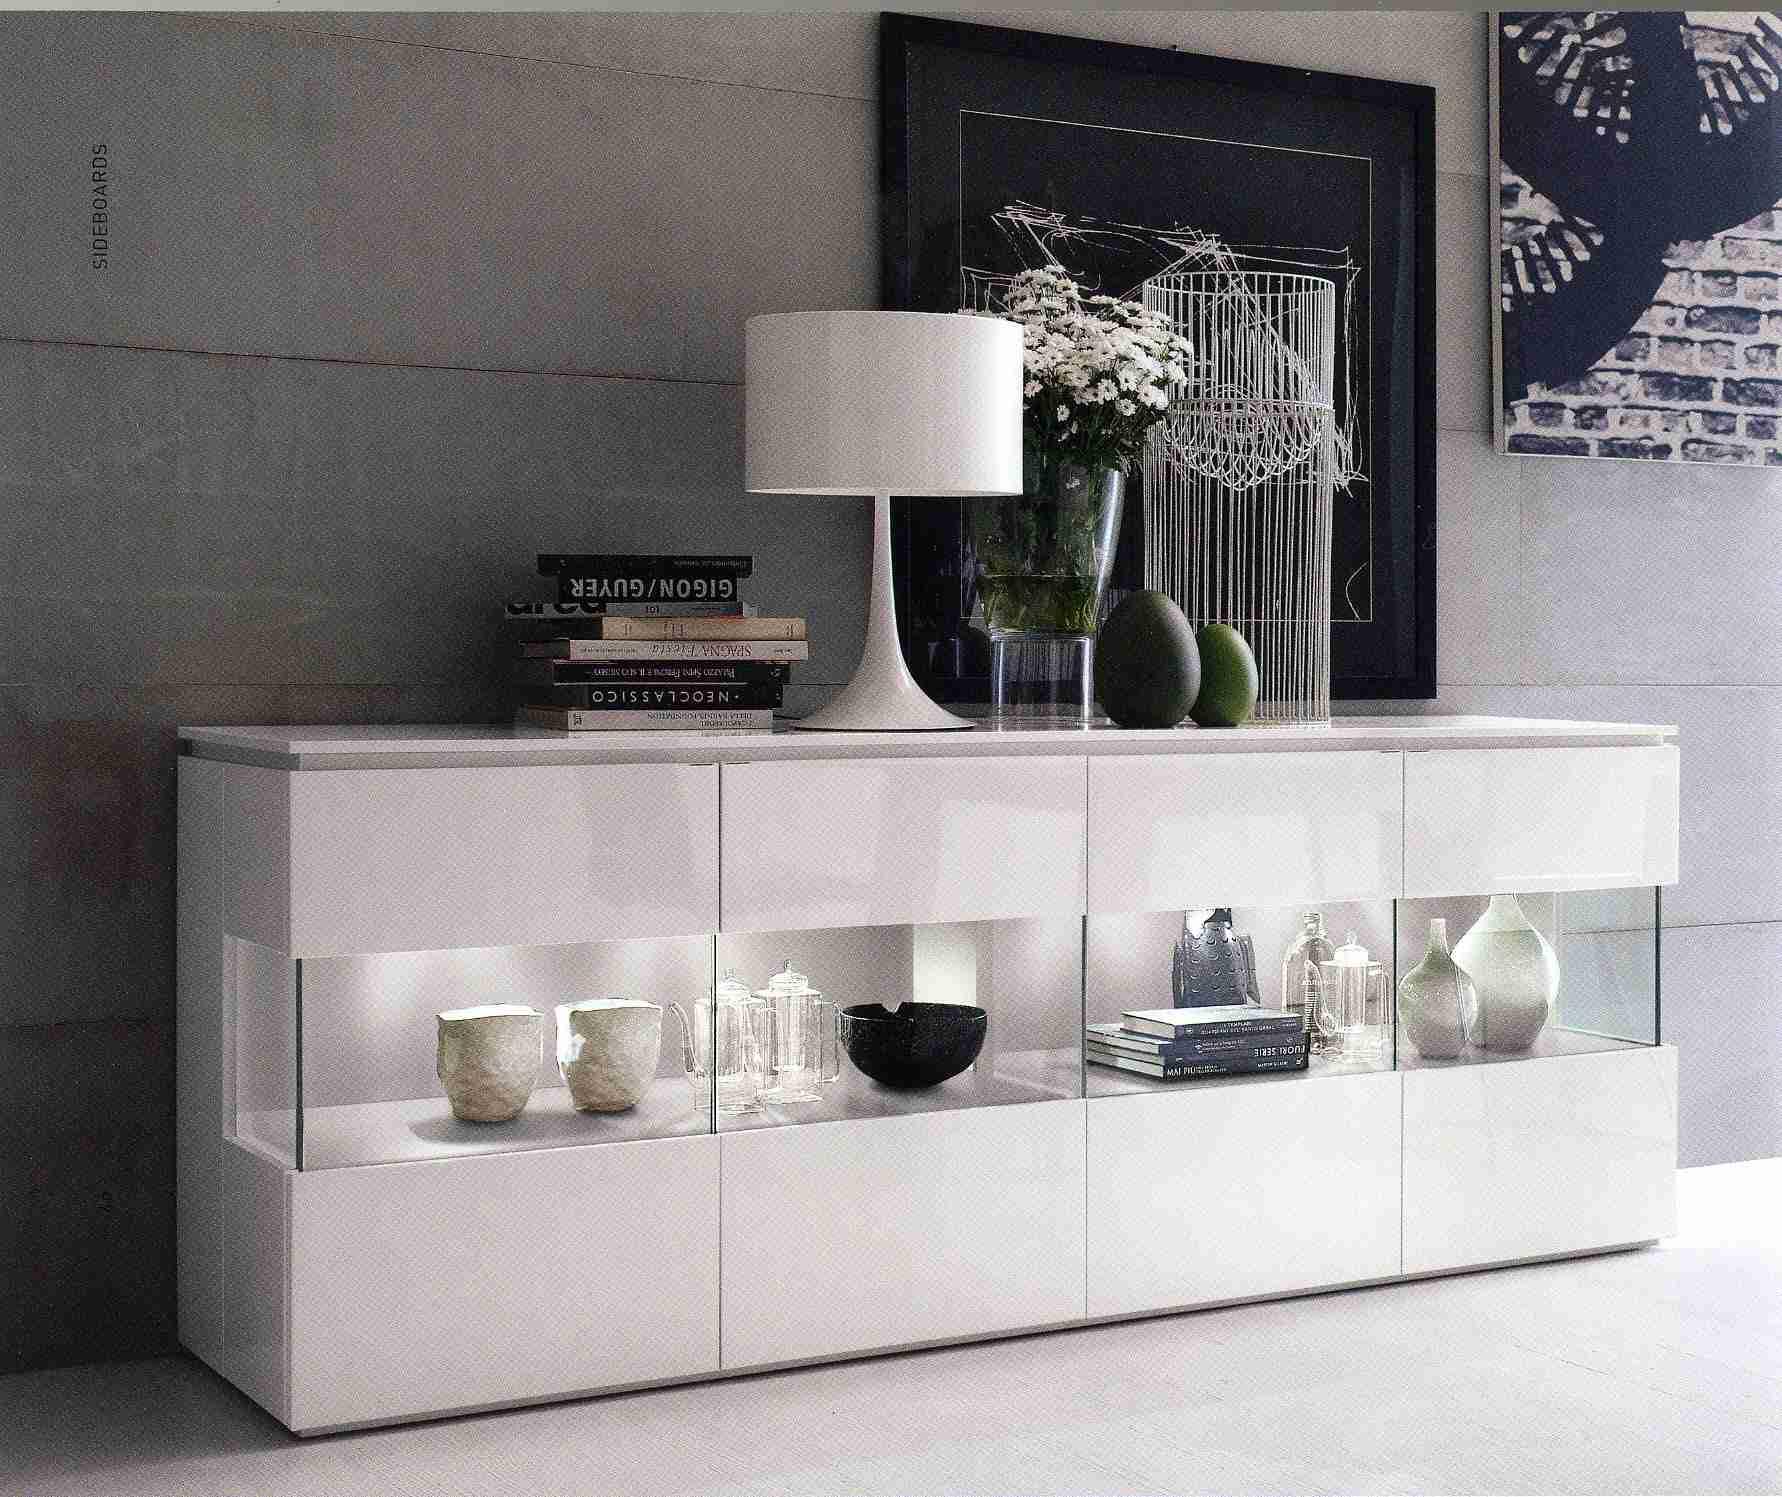 Credenze moderne per la zona giorno - Designandmore: arredare casa ...